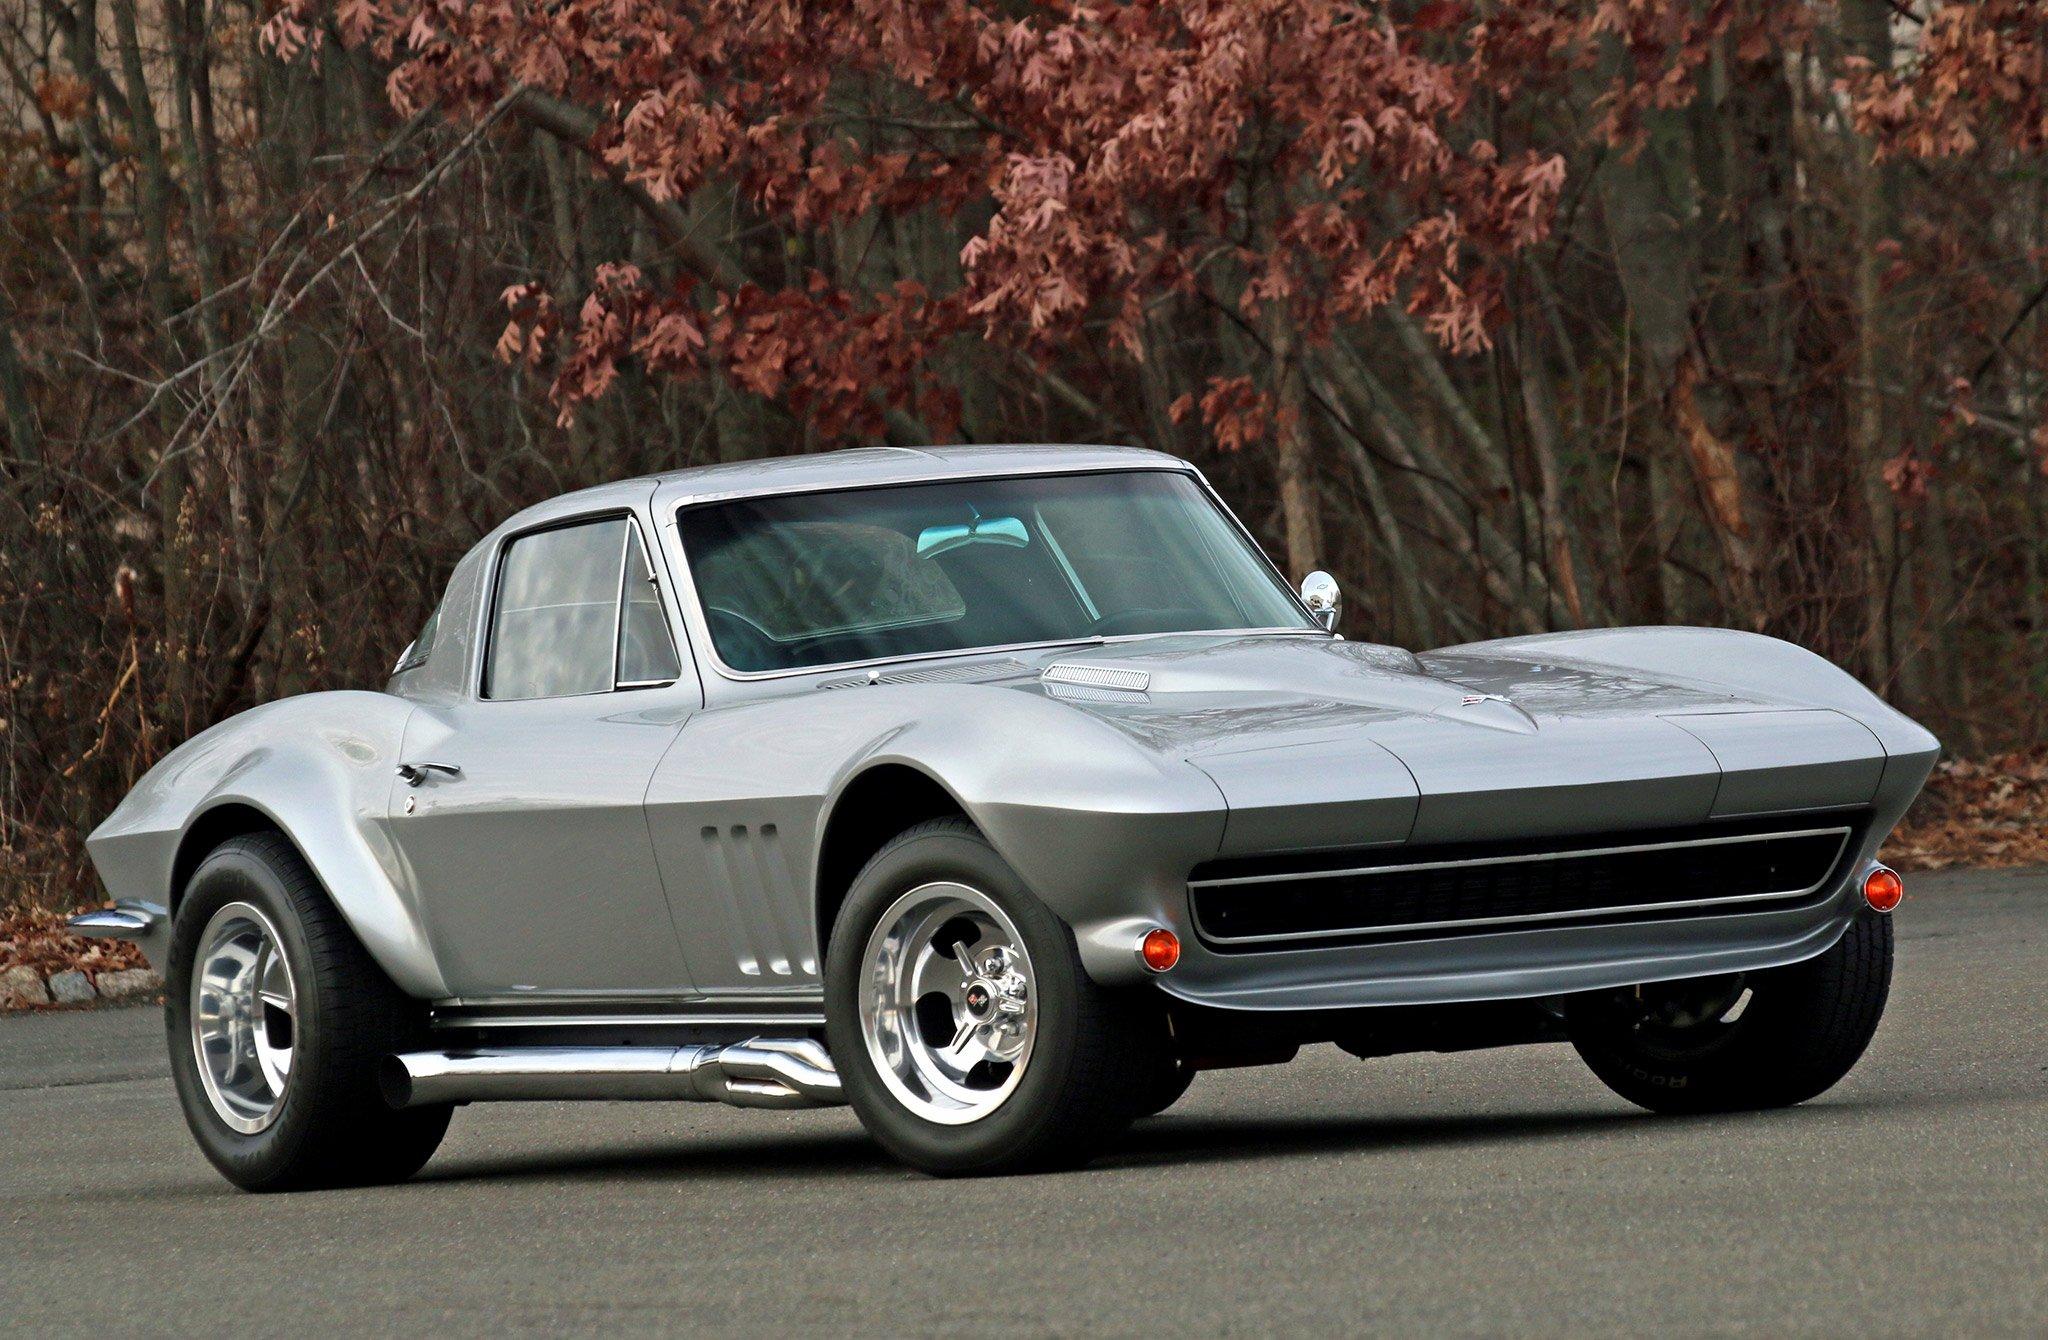 1966 Chevrolet Corvette-04 wallpaper